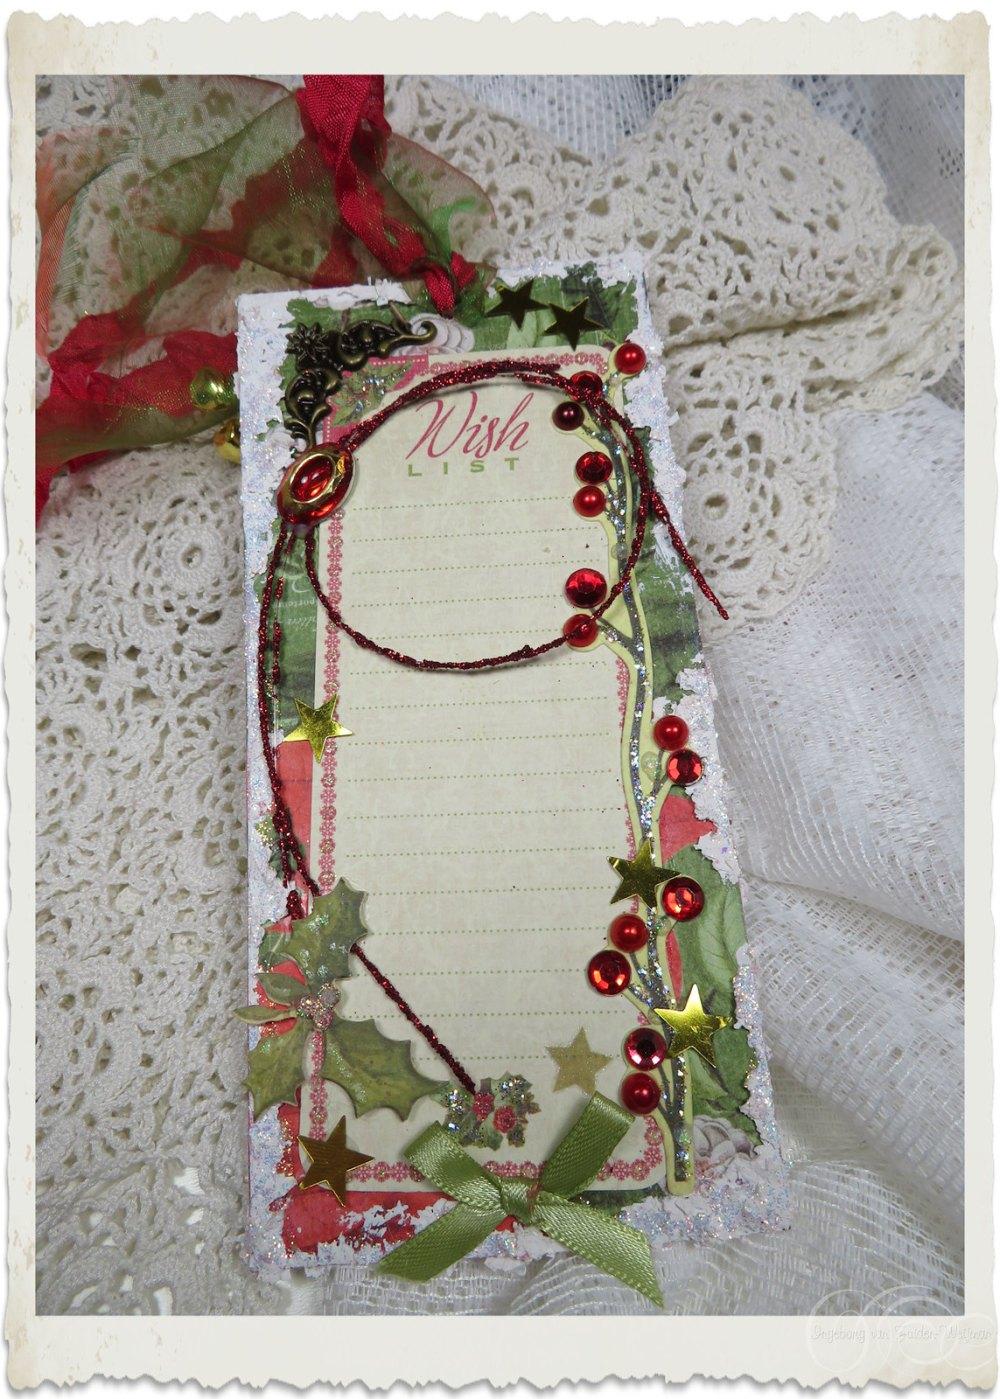 Backside of handmade Christmas hanger with wish list by Ingeborg van Zuiden